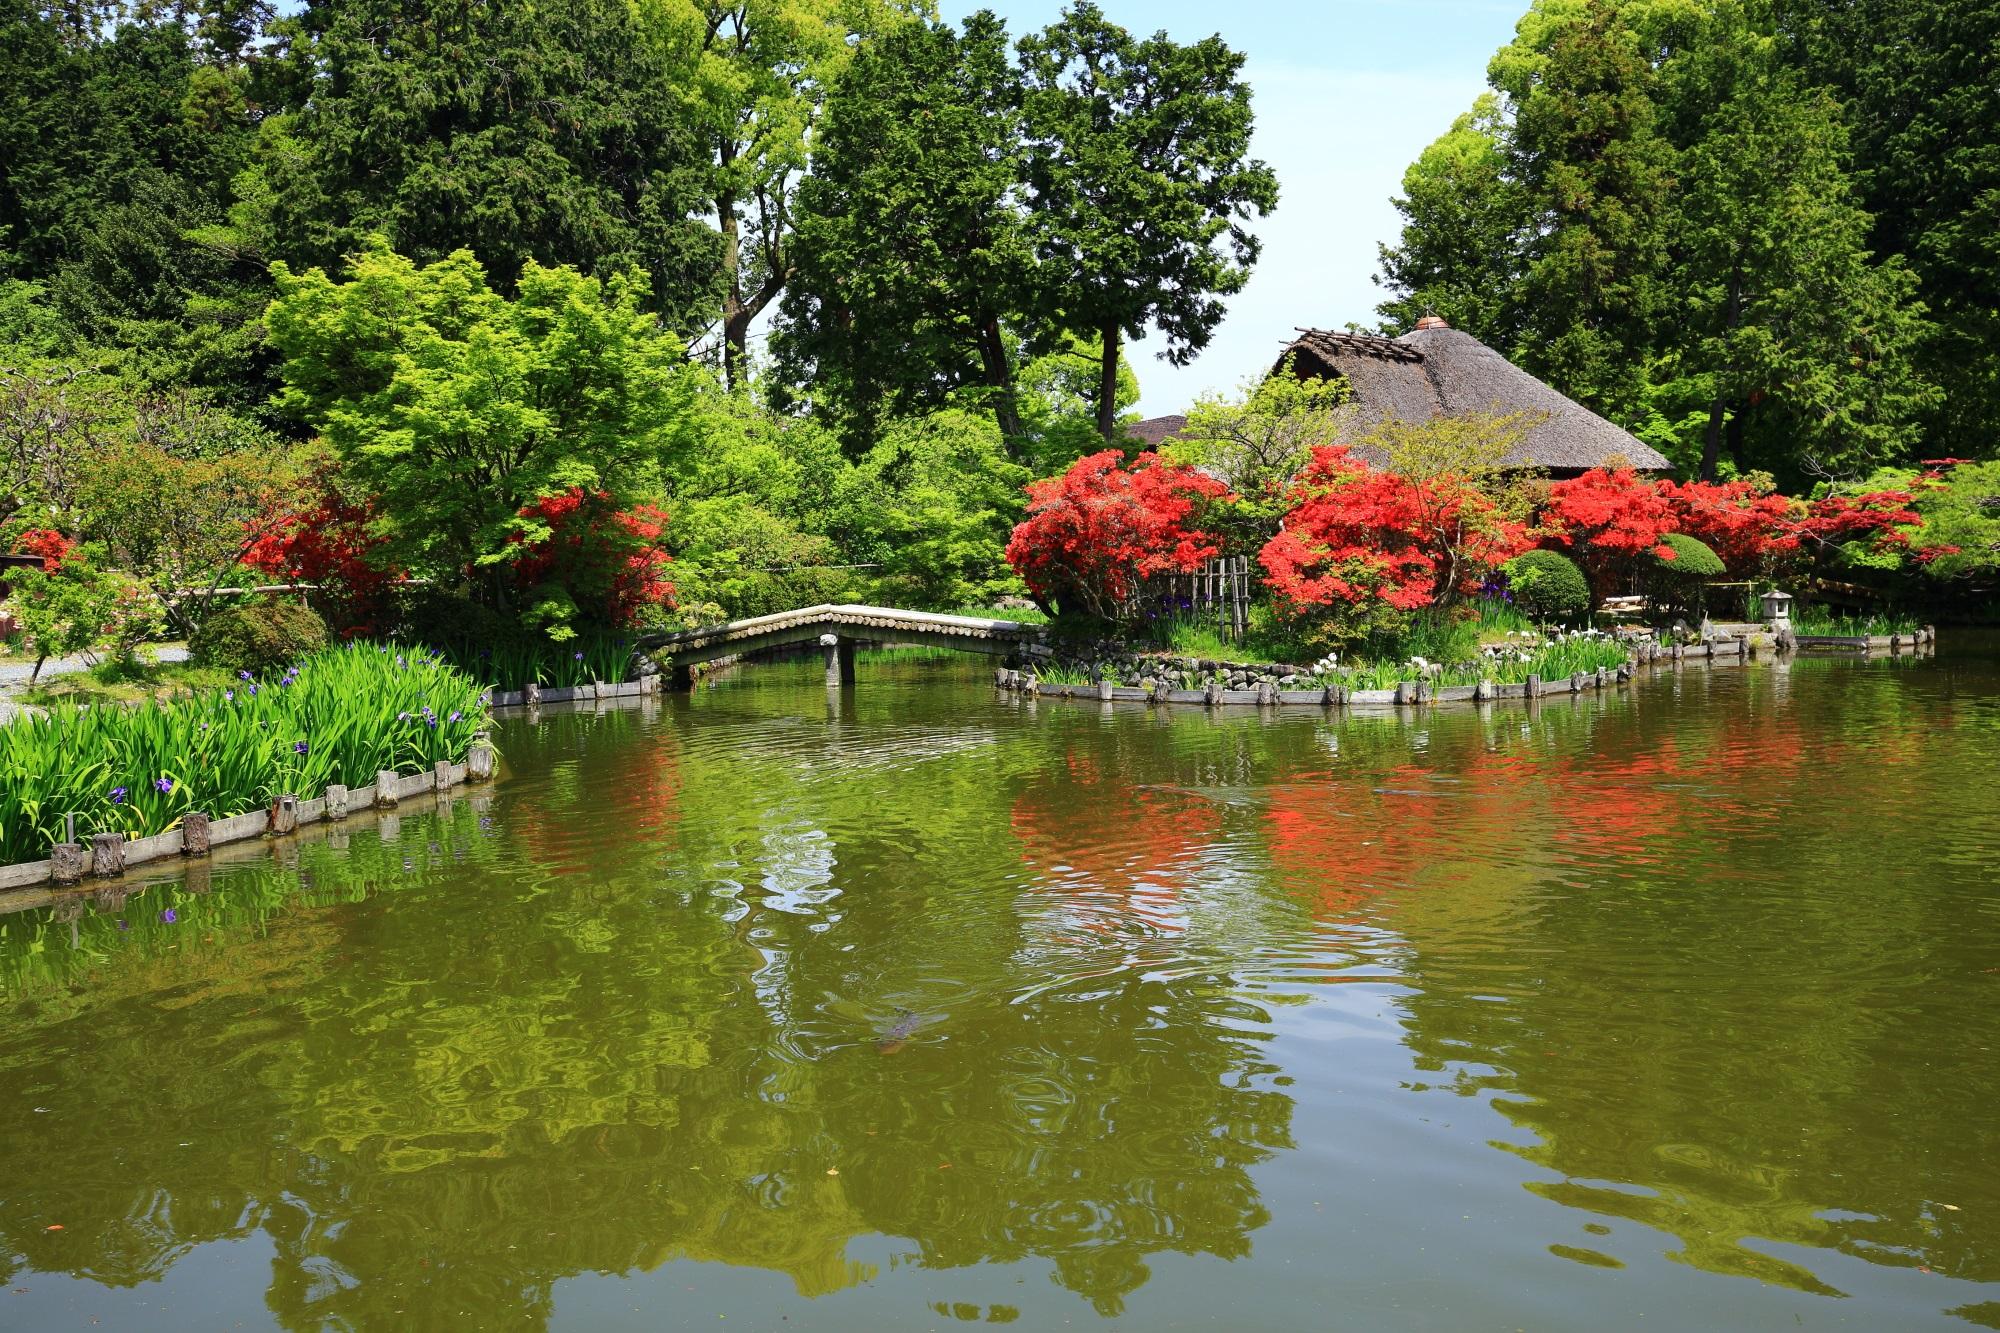 梅宮大社の水辺で輝く鮮烈な赤色とキリシマツツジの水鏡